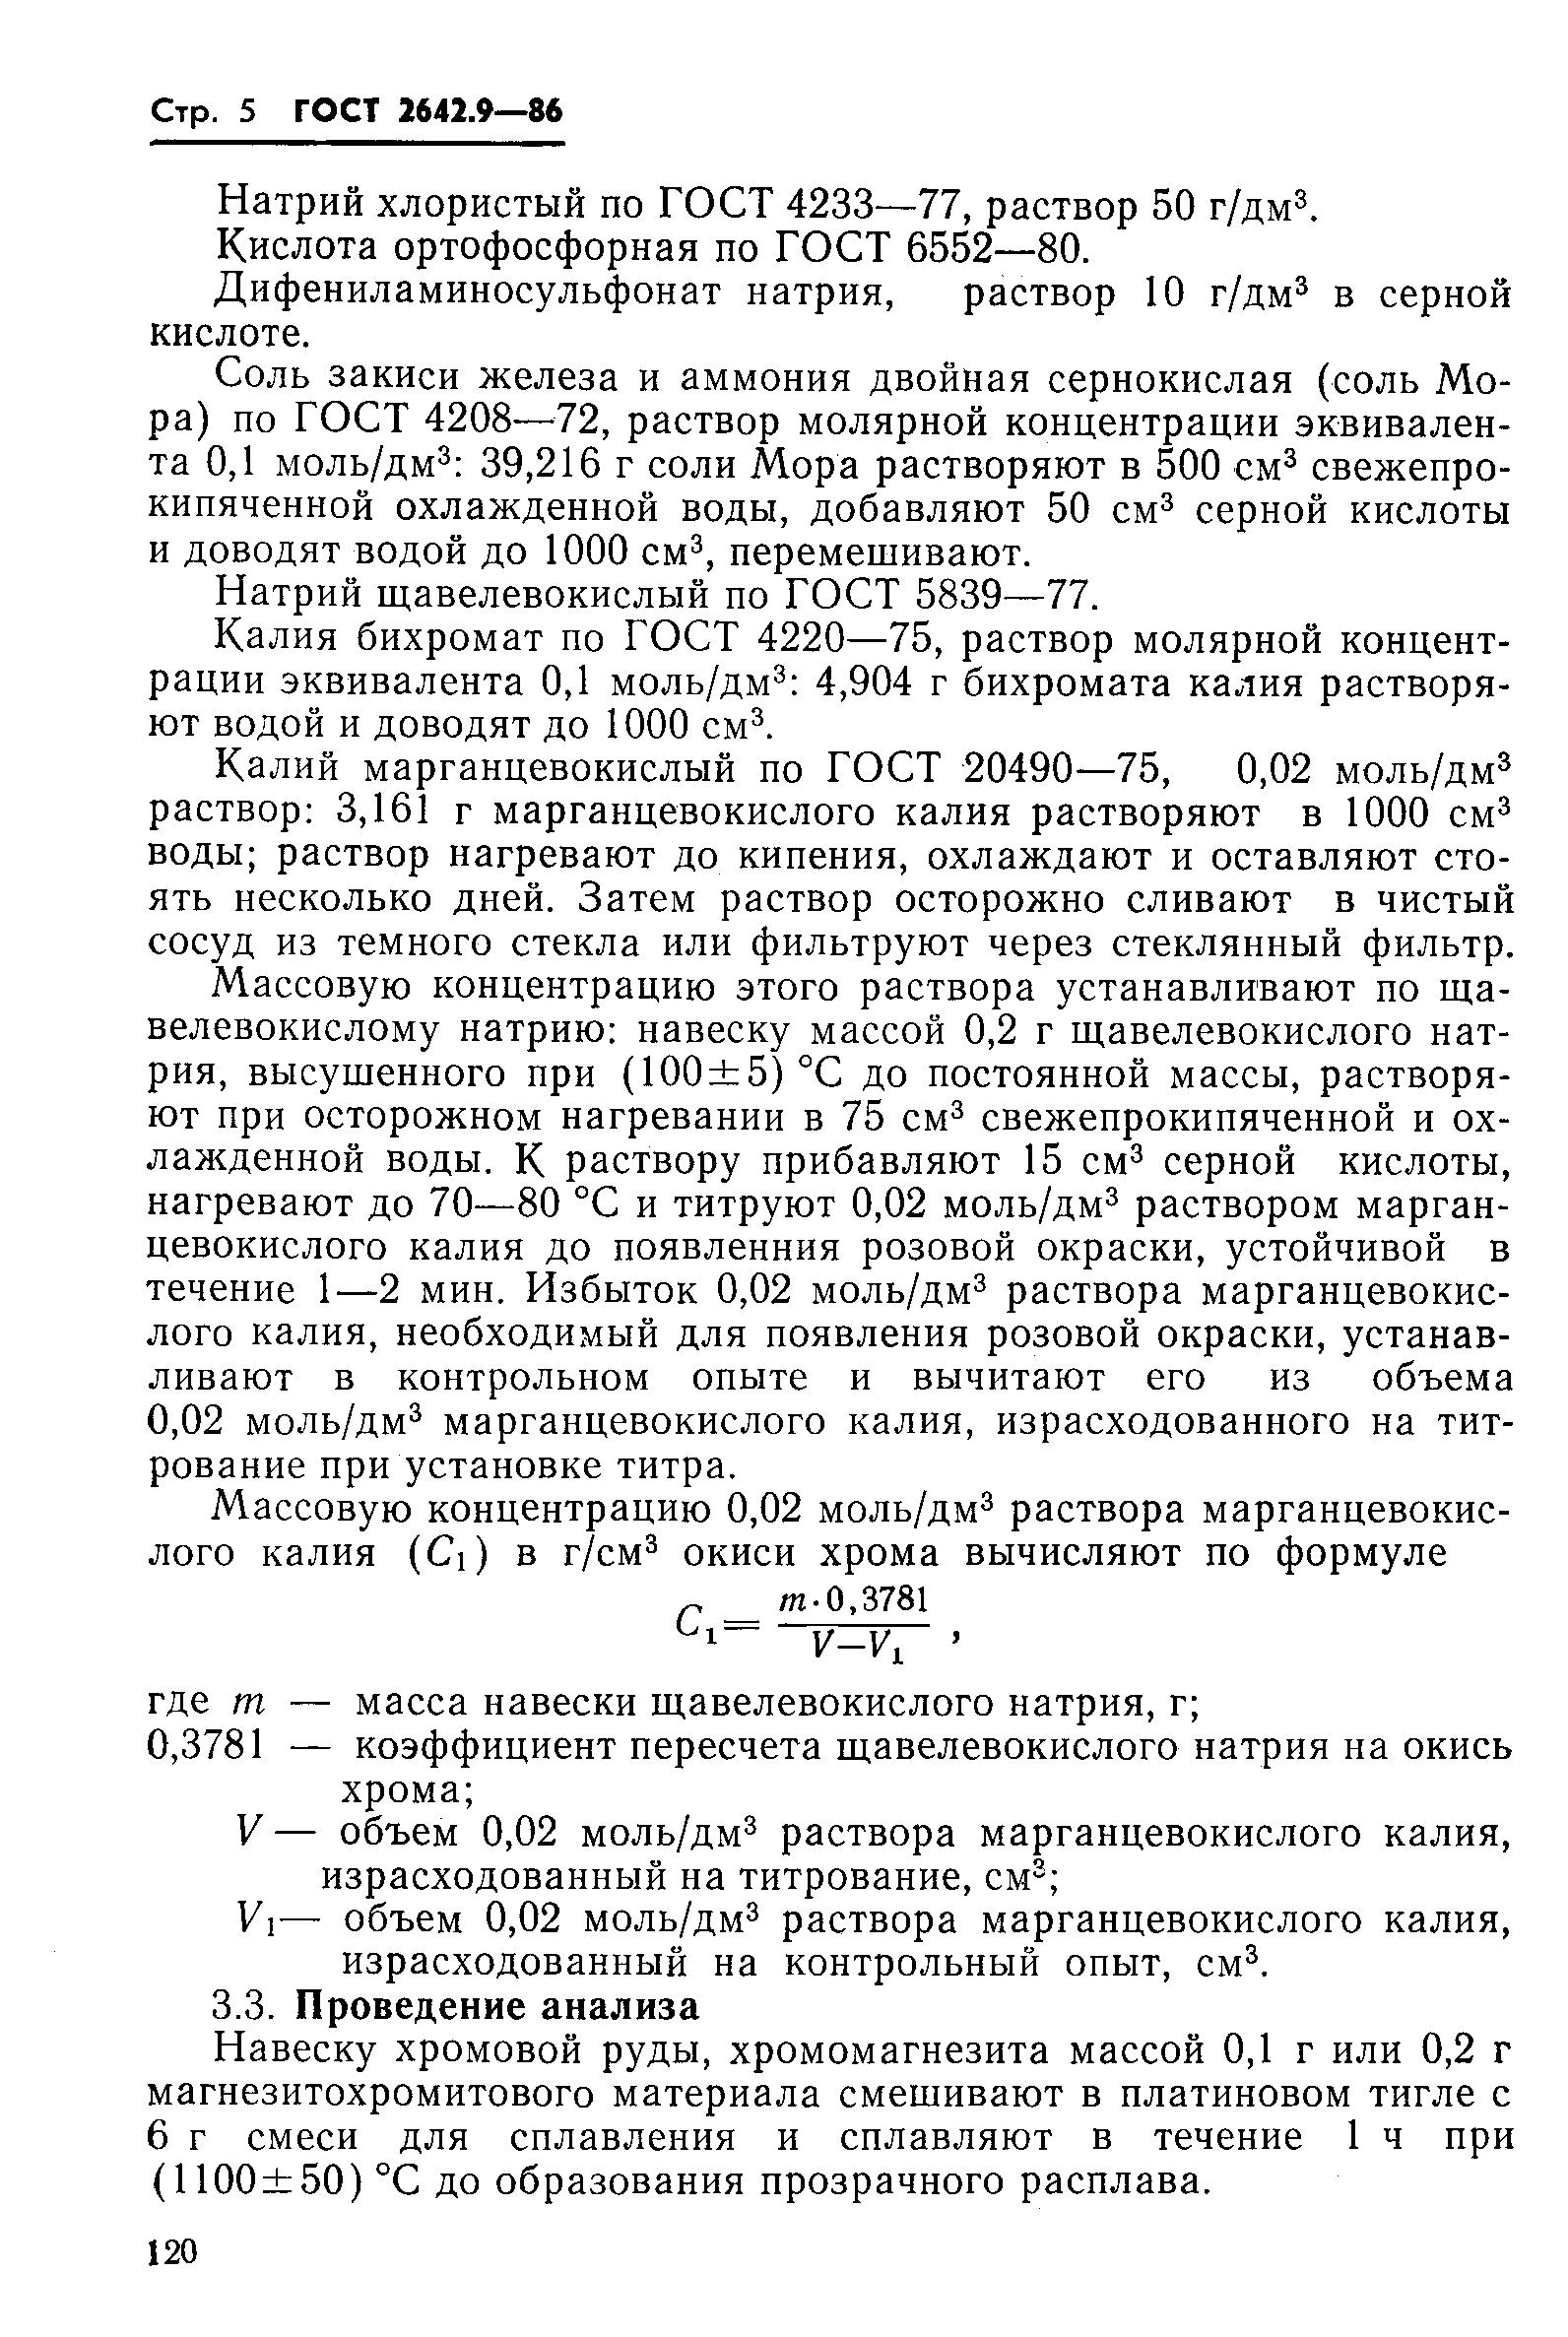 ГОСТ 2642.9-86. Страница 5